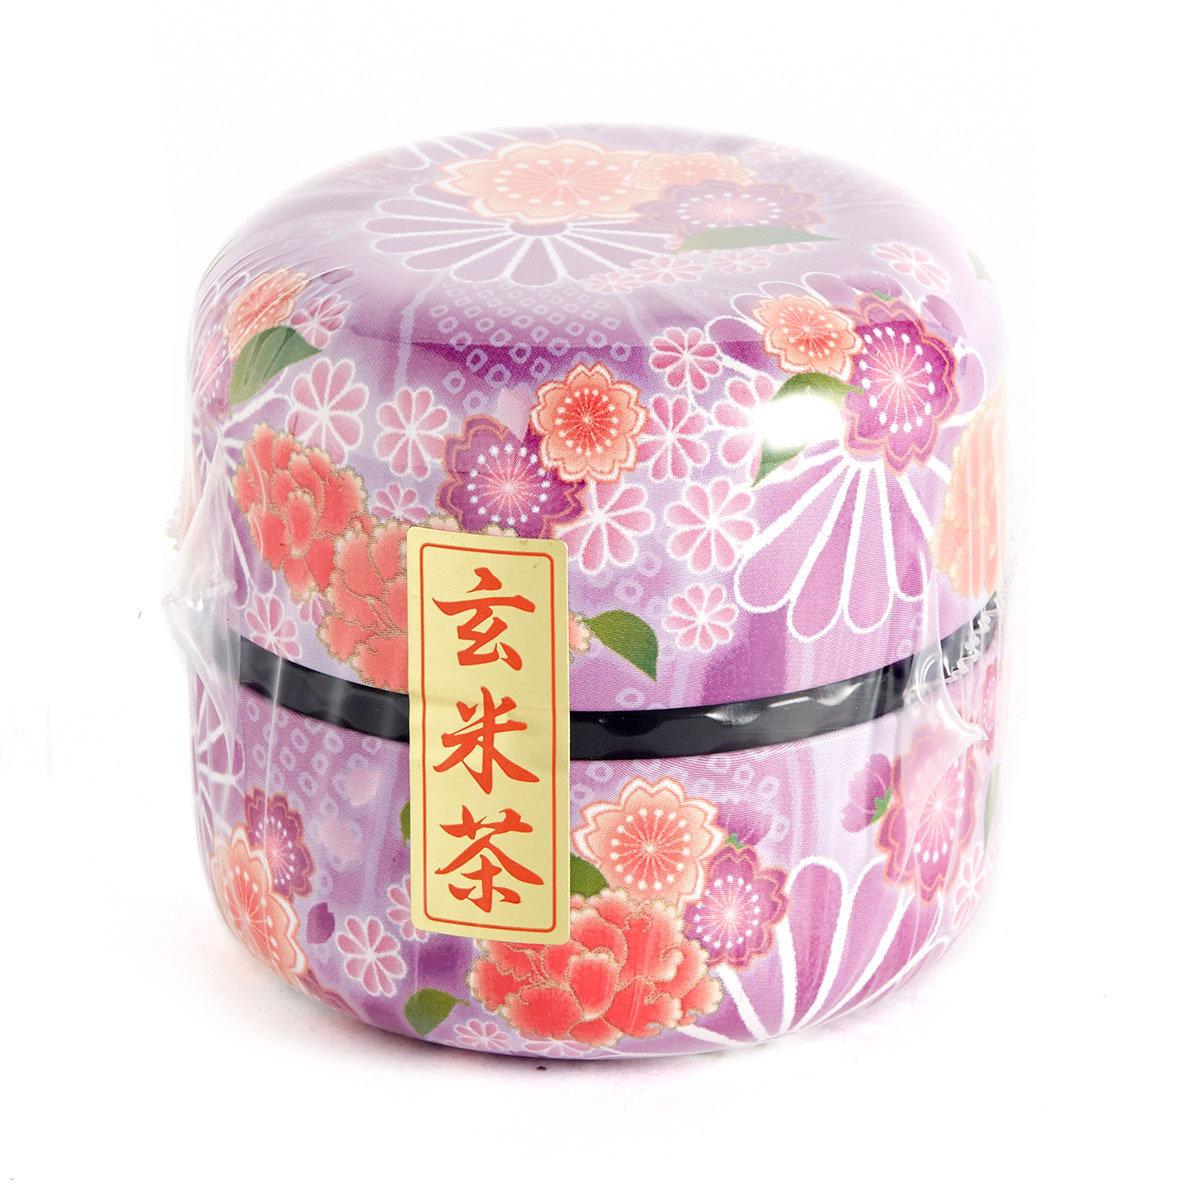 手作罐裝玄米茶(賞味期限: 31/12/2016)